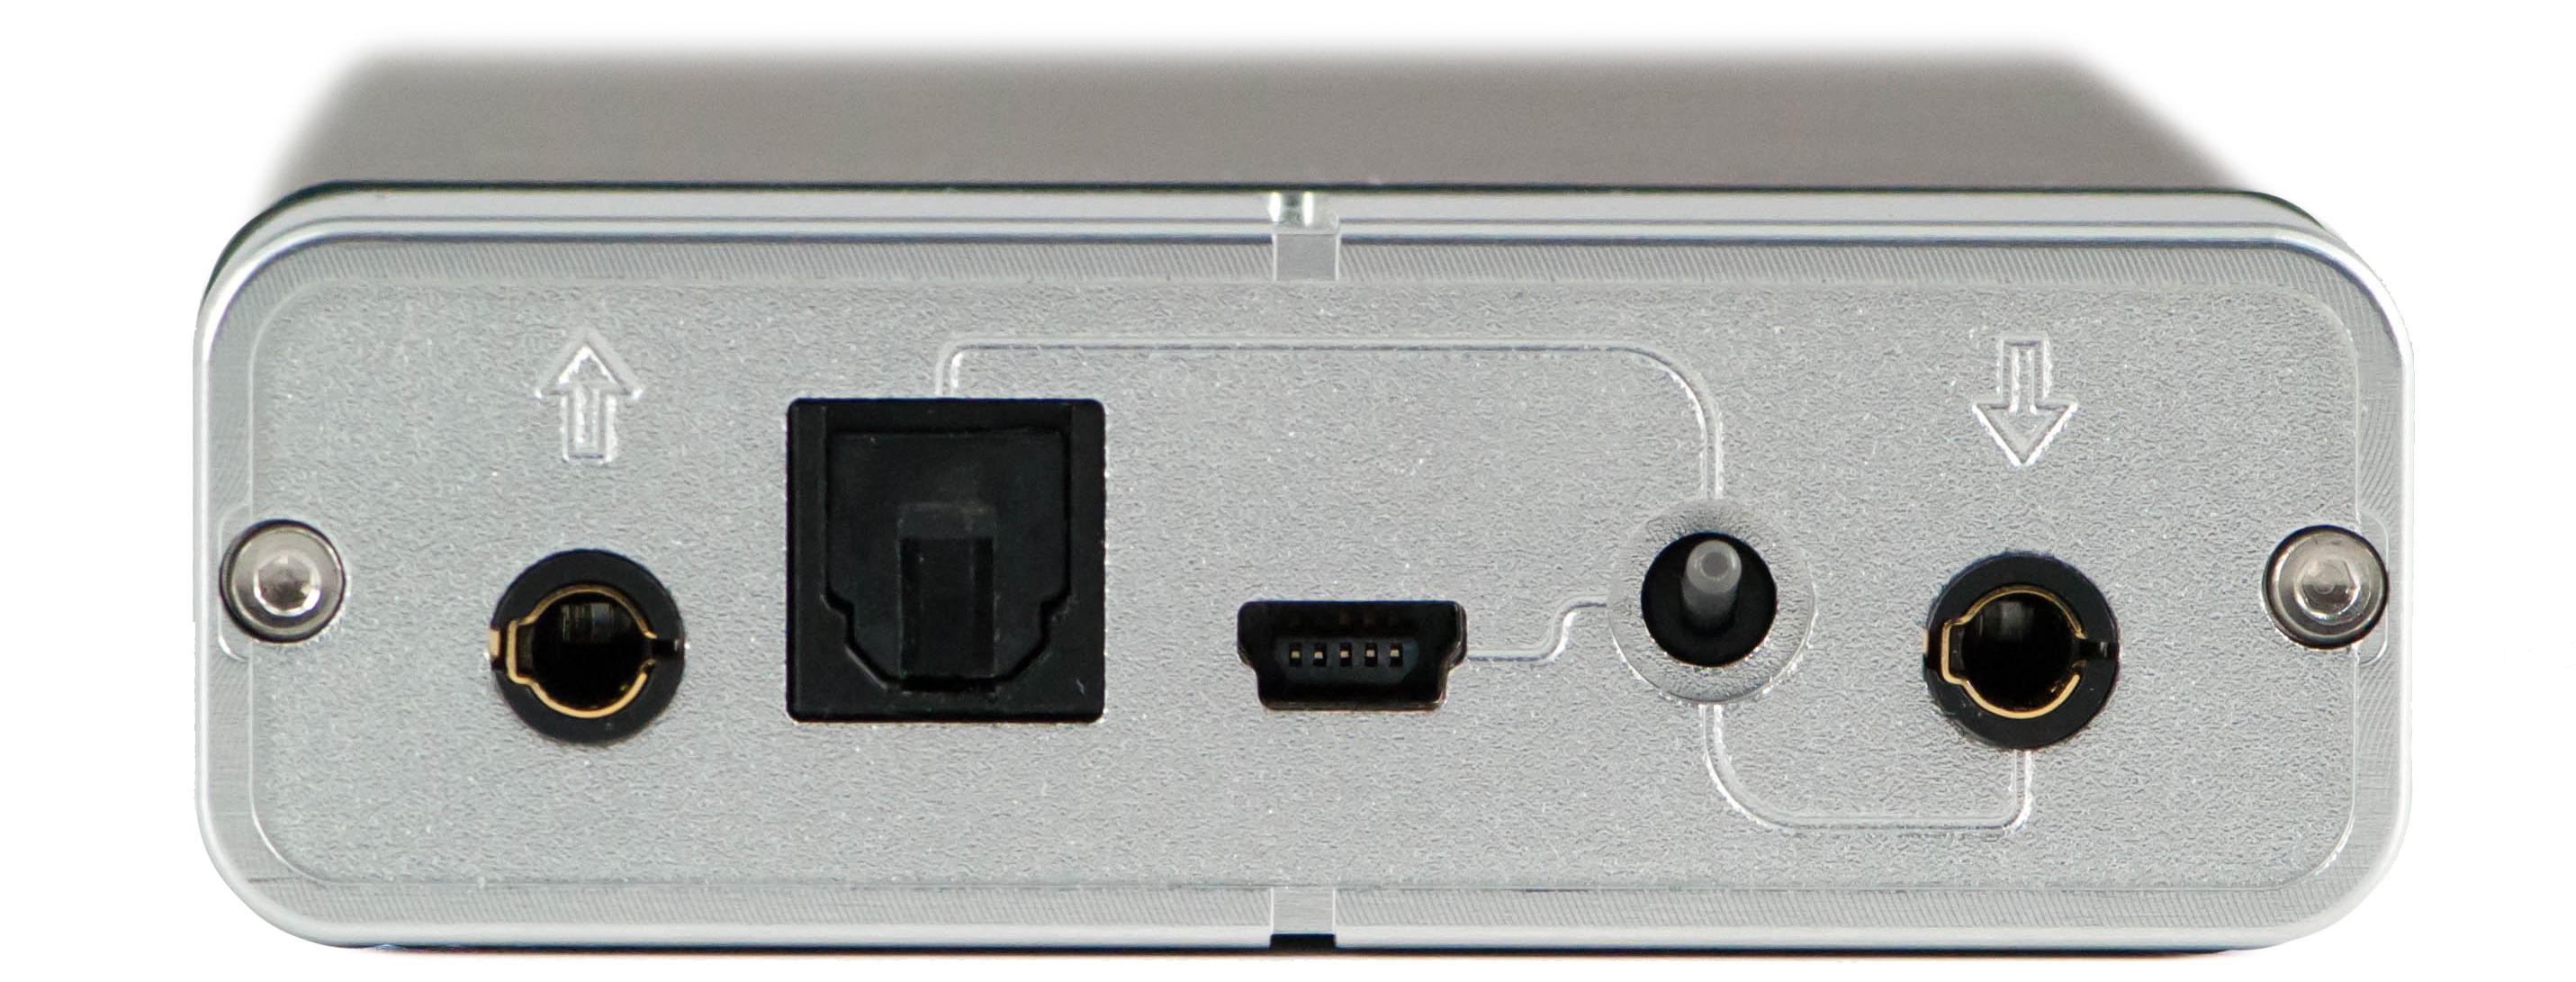 Chord Mojo USB